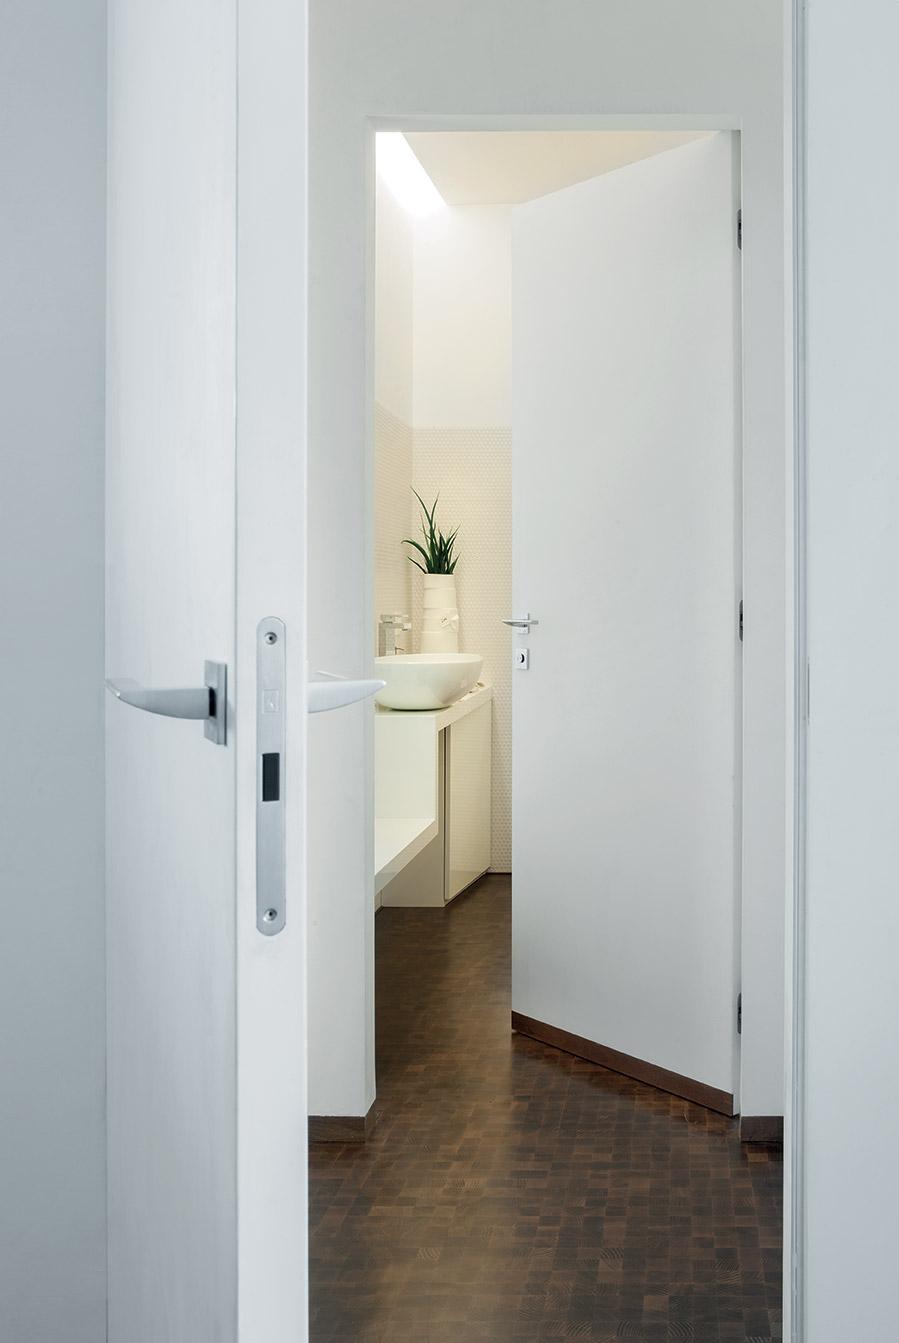 Porte filo muro per un impatto elegante pulito e lineare - Porte filo muro ...